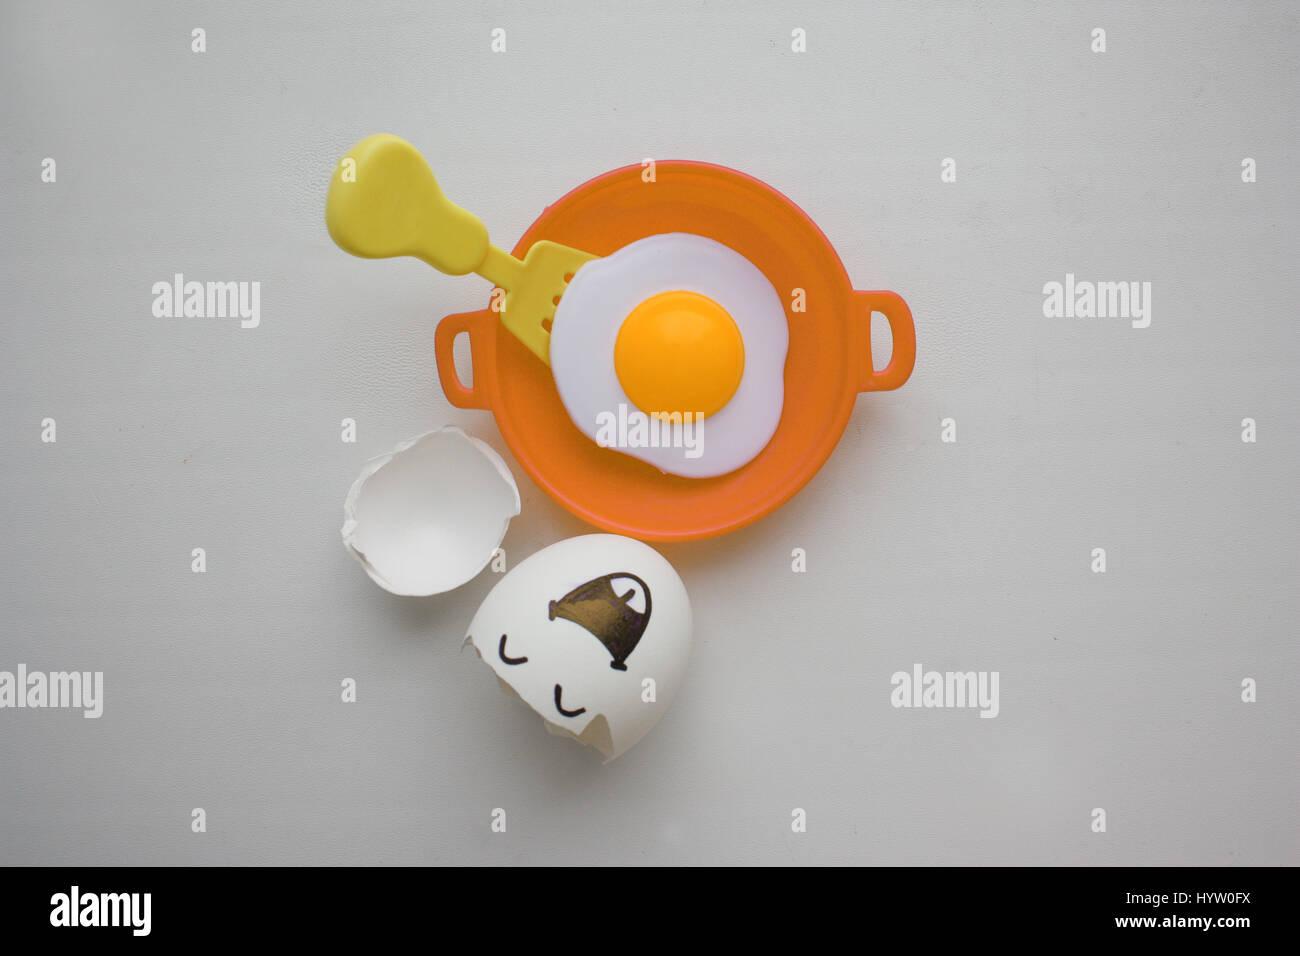 Eiern mit Gesicht. Konzept des Glücks der Selbstverwirklichung. Foto für Ihr design Stockfoto